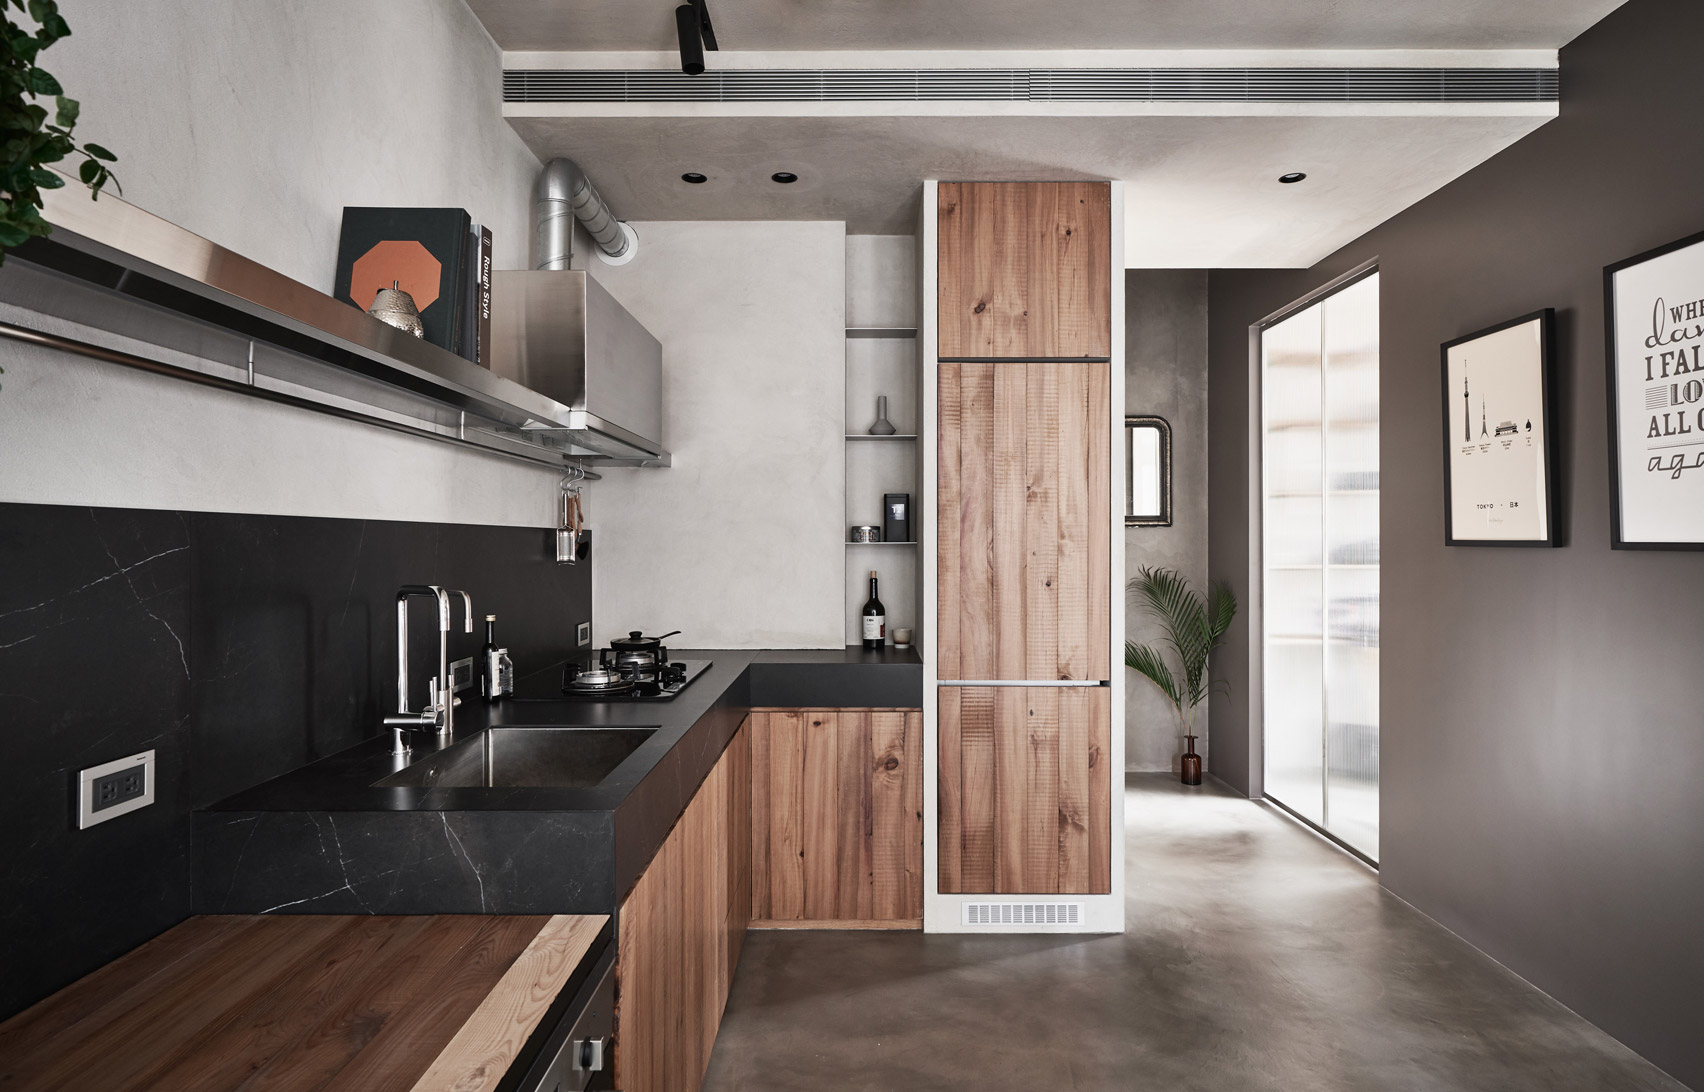 Bổ sung nội thất đa chức năng cho căn hộ xinh xắn tại Đài Bắc (Trung Quốc) - Ảnh 6.